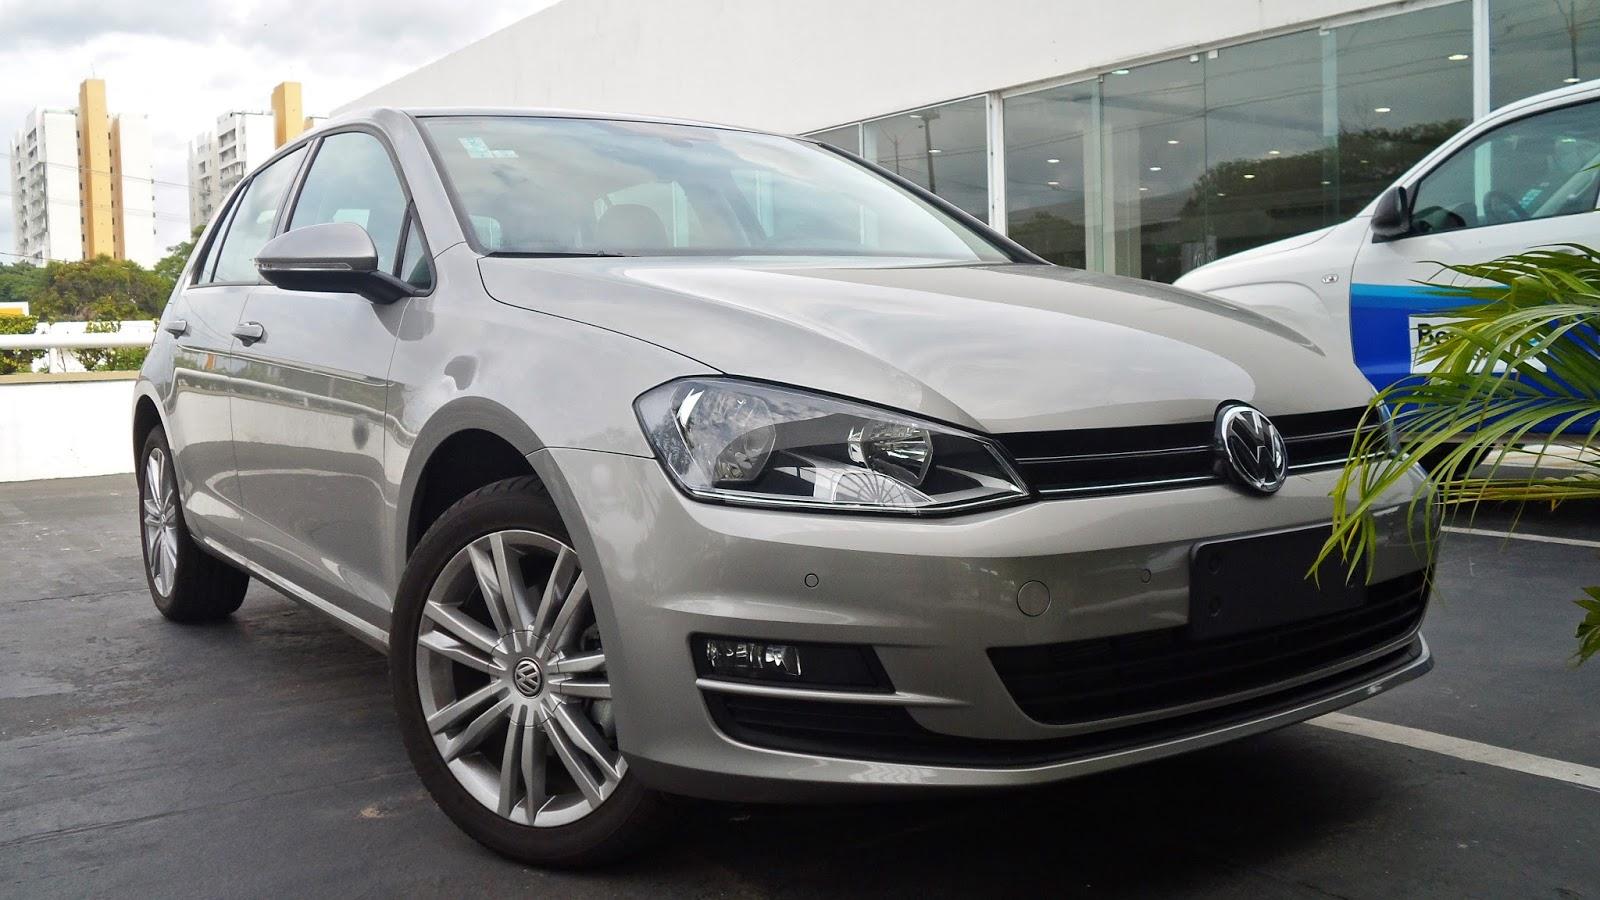 Tecnológico e confortável, VW Golf Automático conta com preço especial